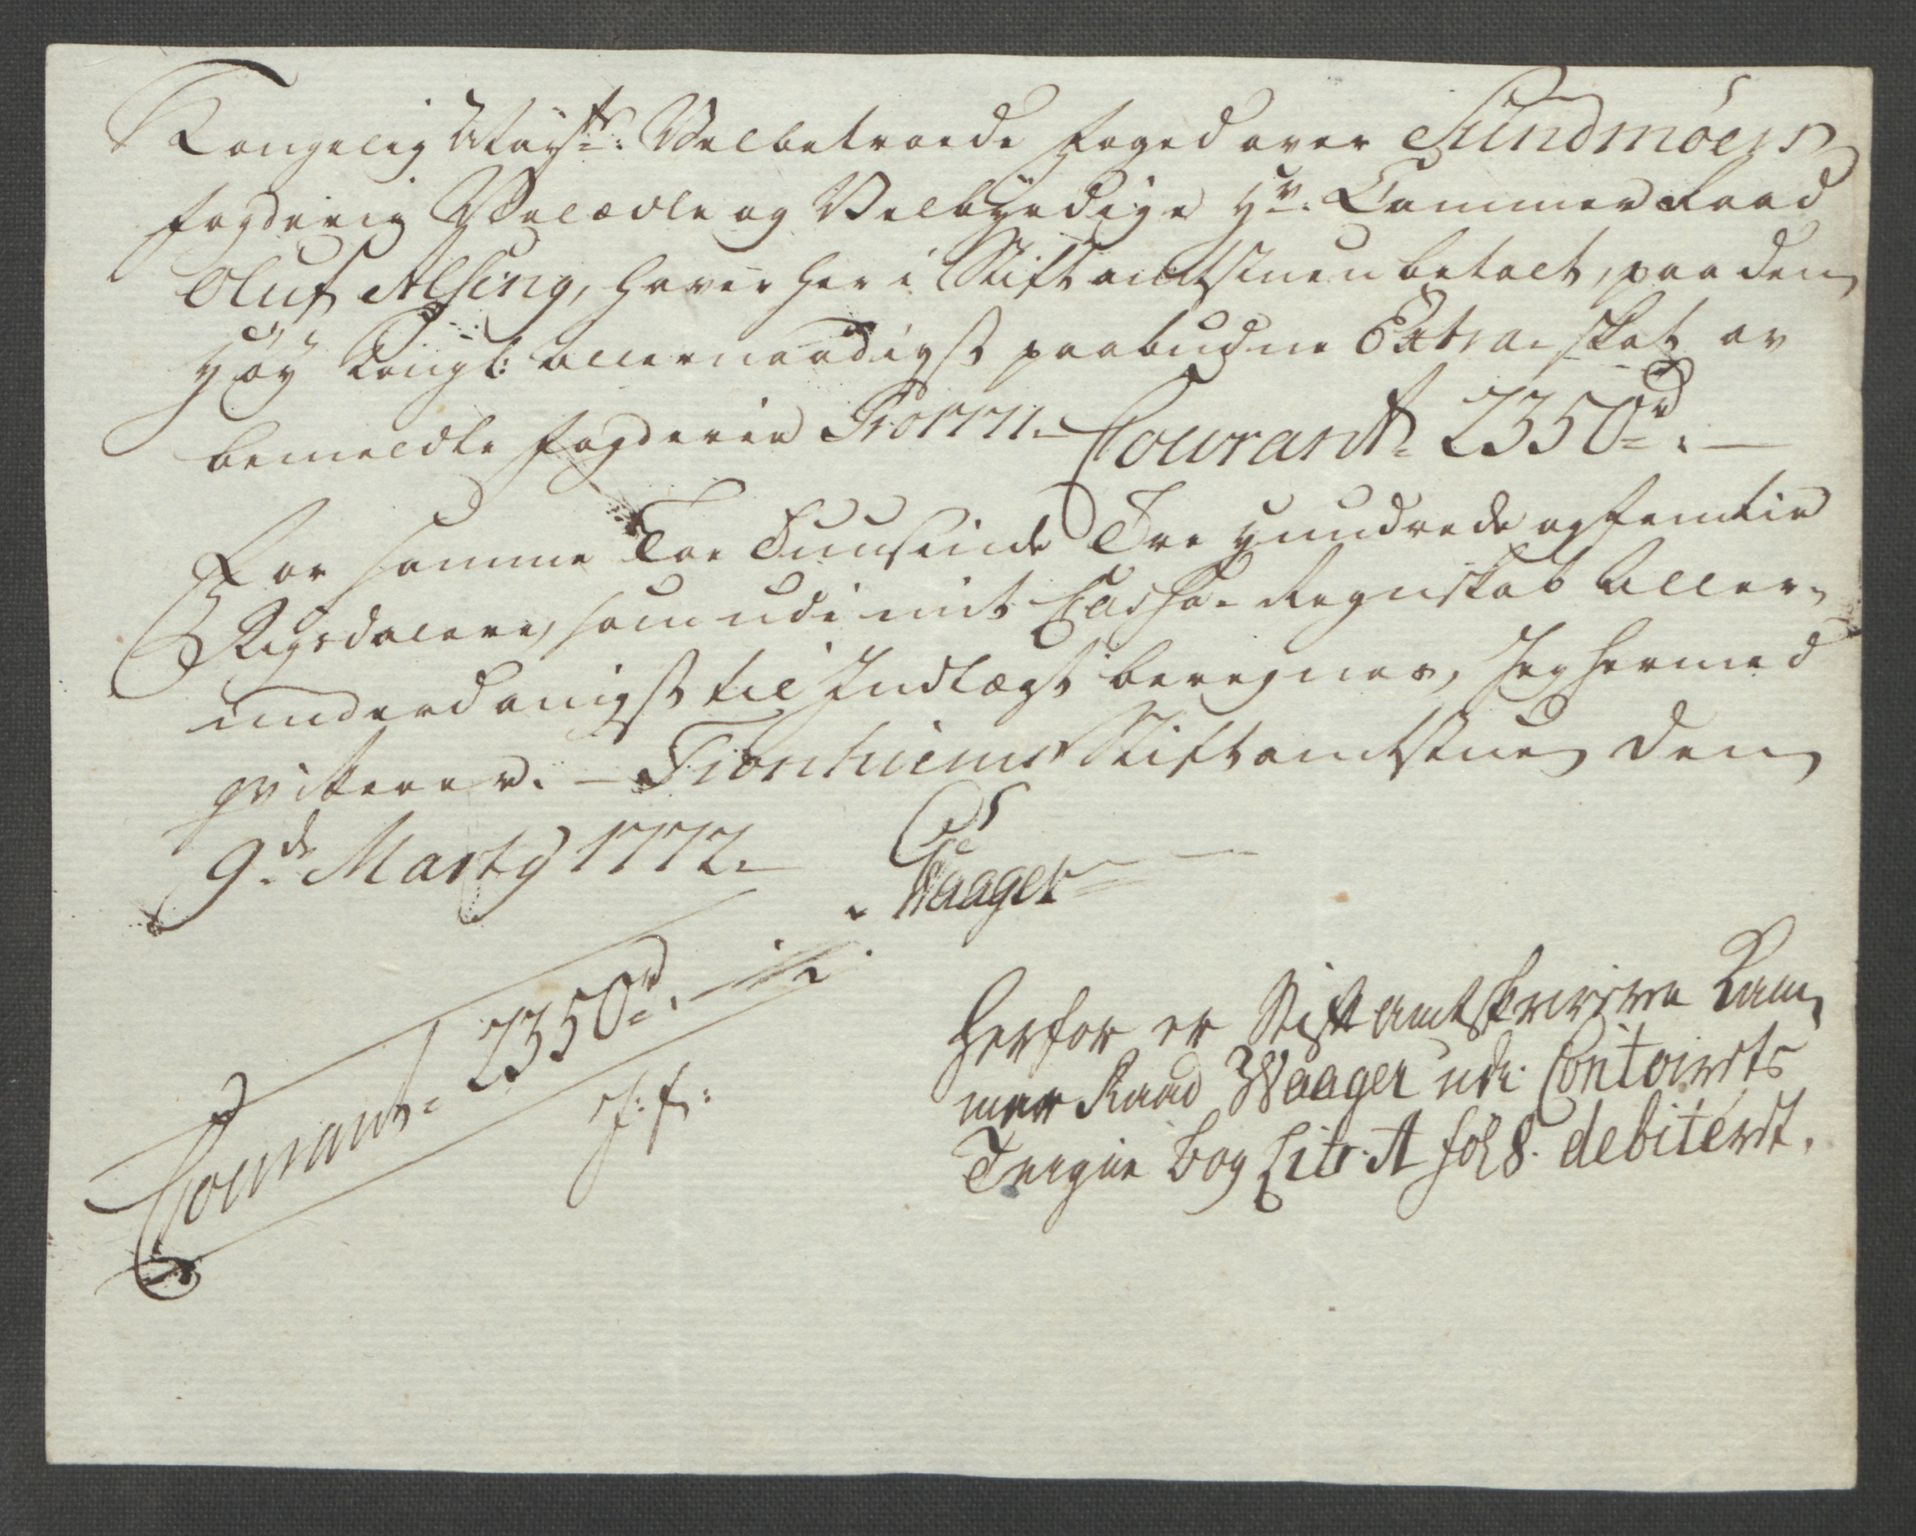 RA, Rentekammeret inntil 1814, Reviderte regnskaper, Fogderegnskap, R54/L3645: Ekstraskatten Sunnmøre, 1762-1772, s. 219